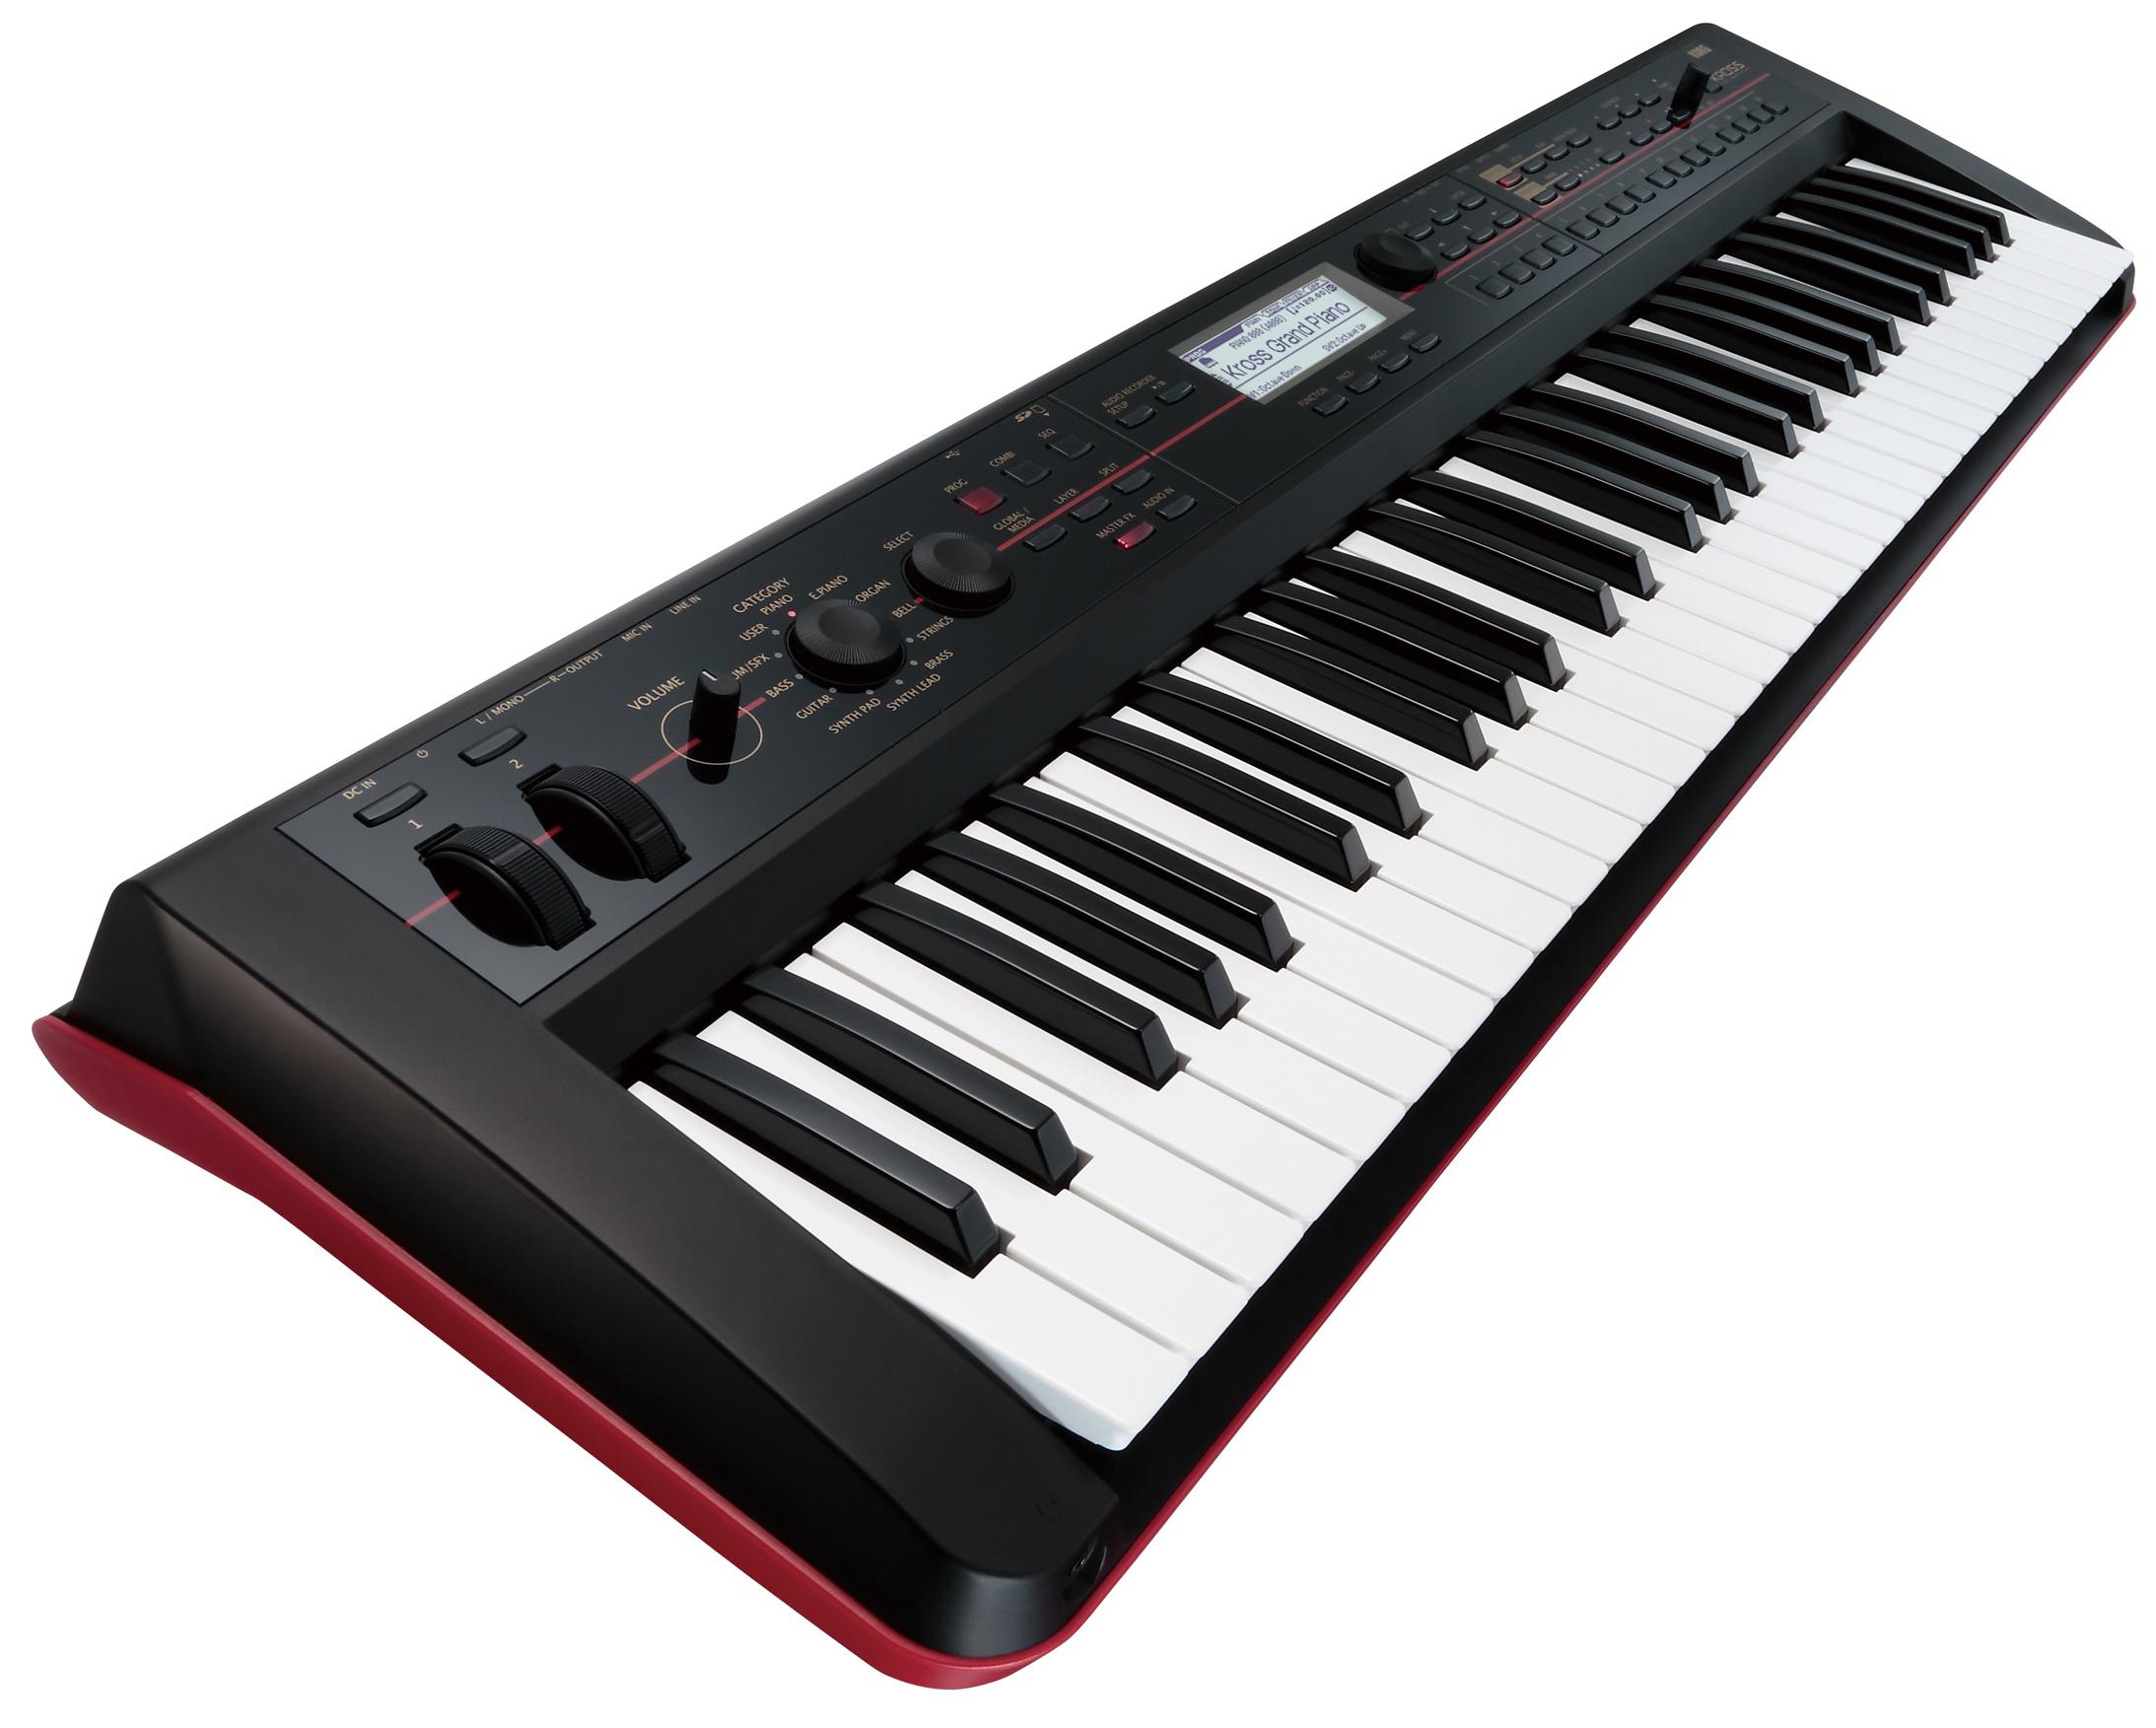 korg kross61 kross 61 synthesizer workstation keyboard 61 note key sequencer ebay. Black Bedroom Furniture Sets. Home Design Ideas